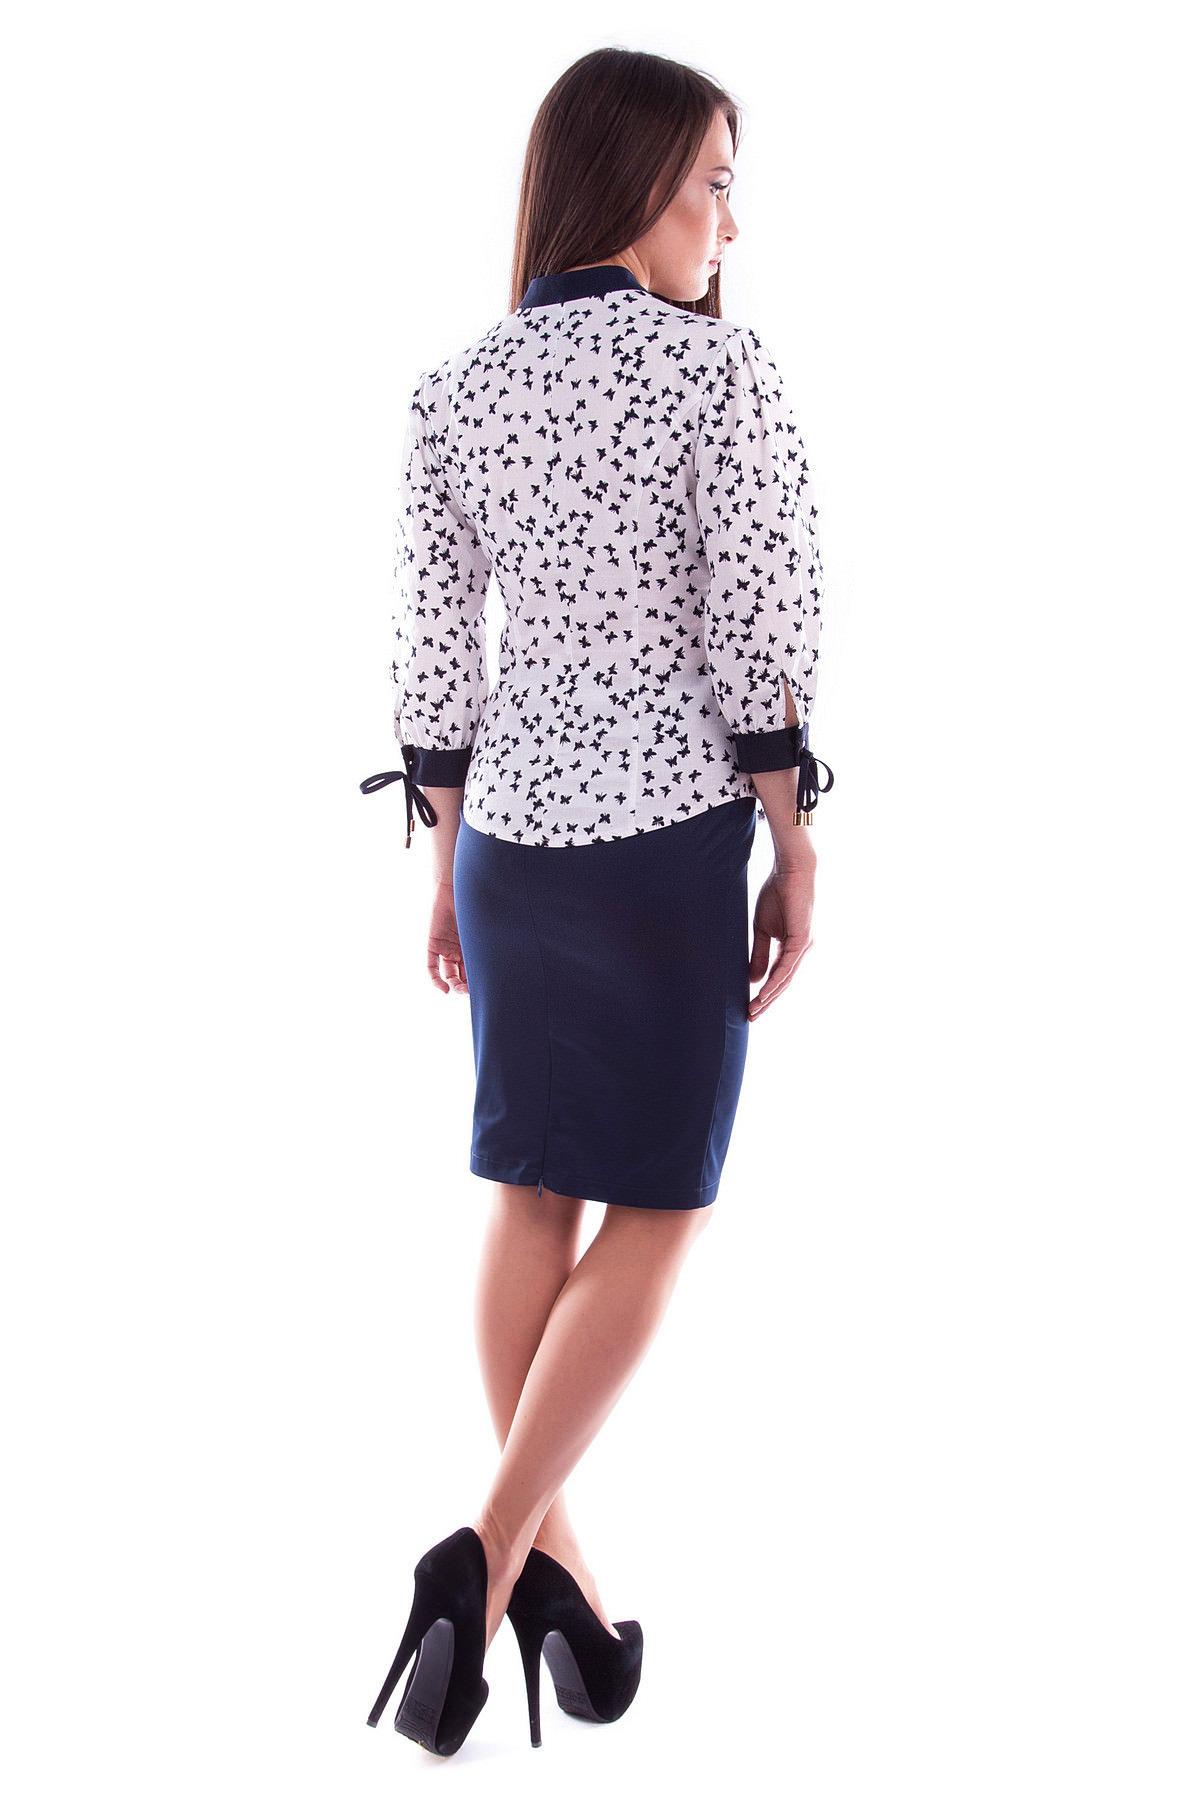 Блуза Батерфляй Цвет: Белый Бабочка тёмно-синий 1 / тёмно-синий